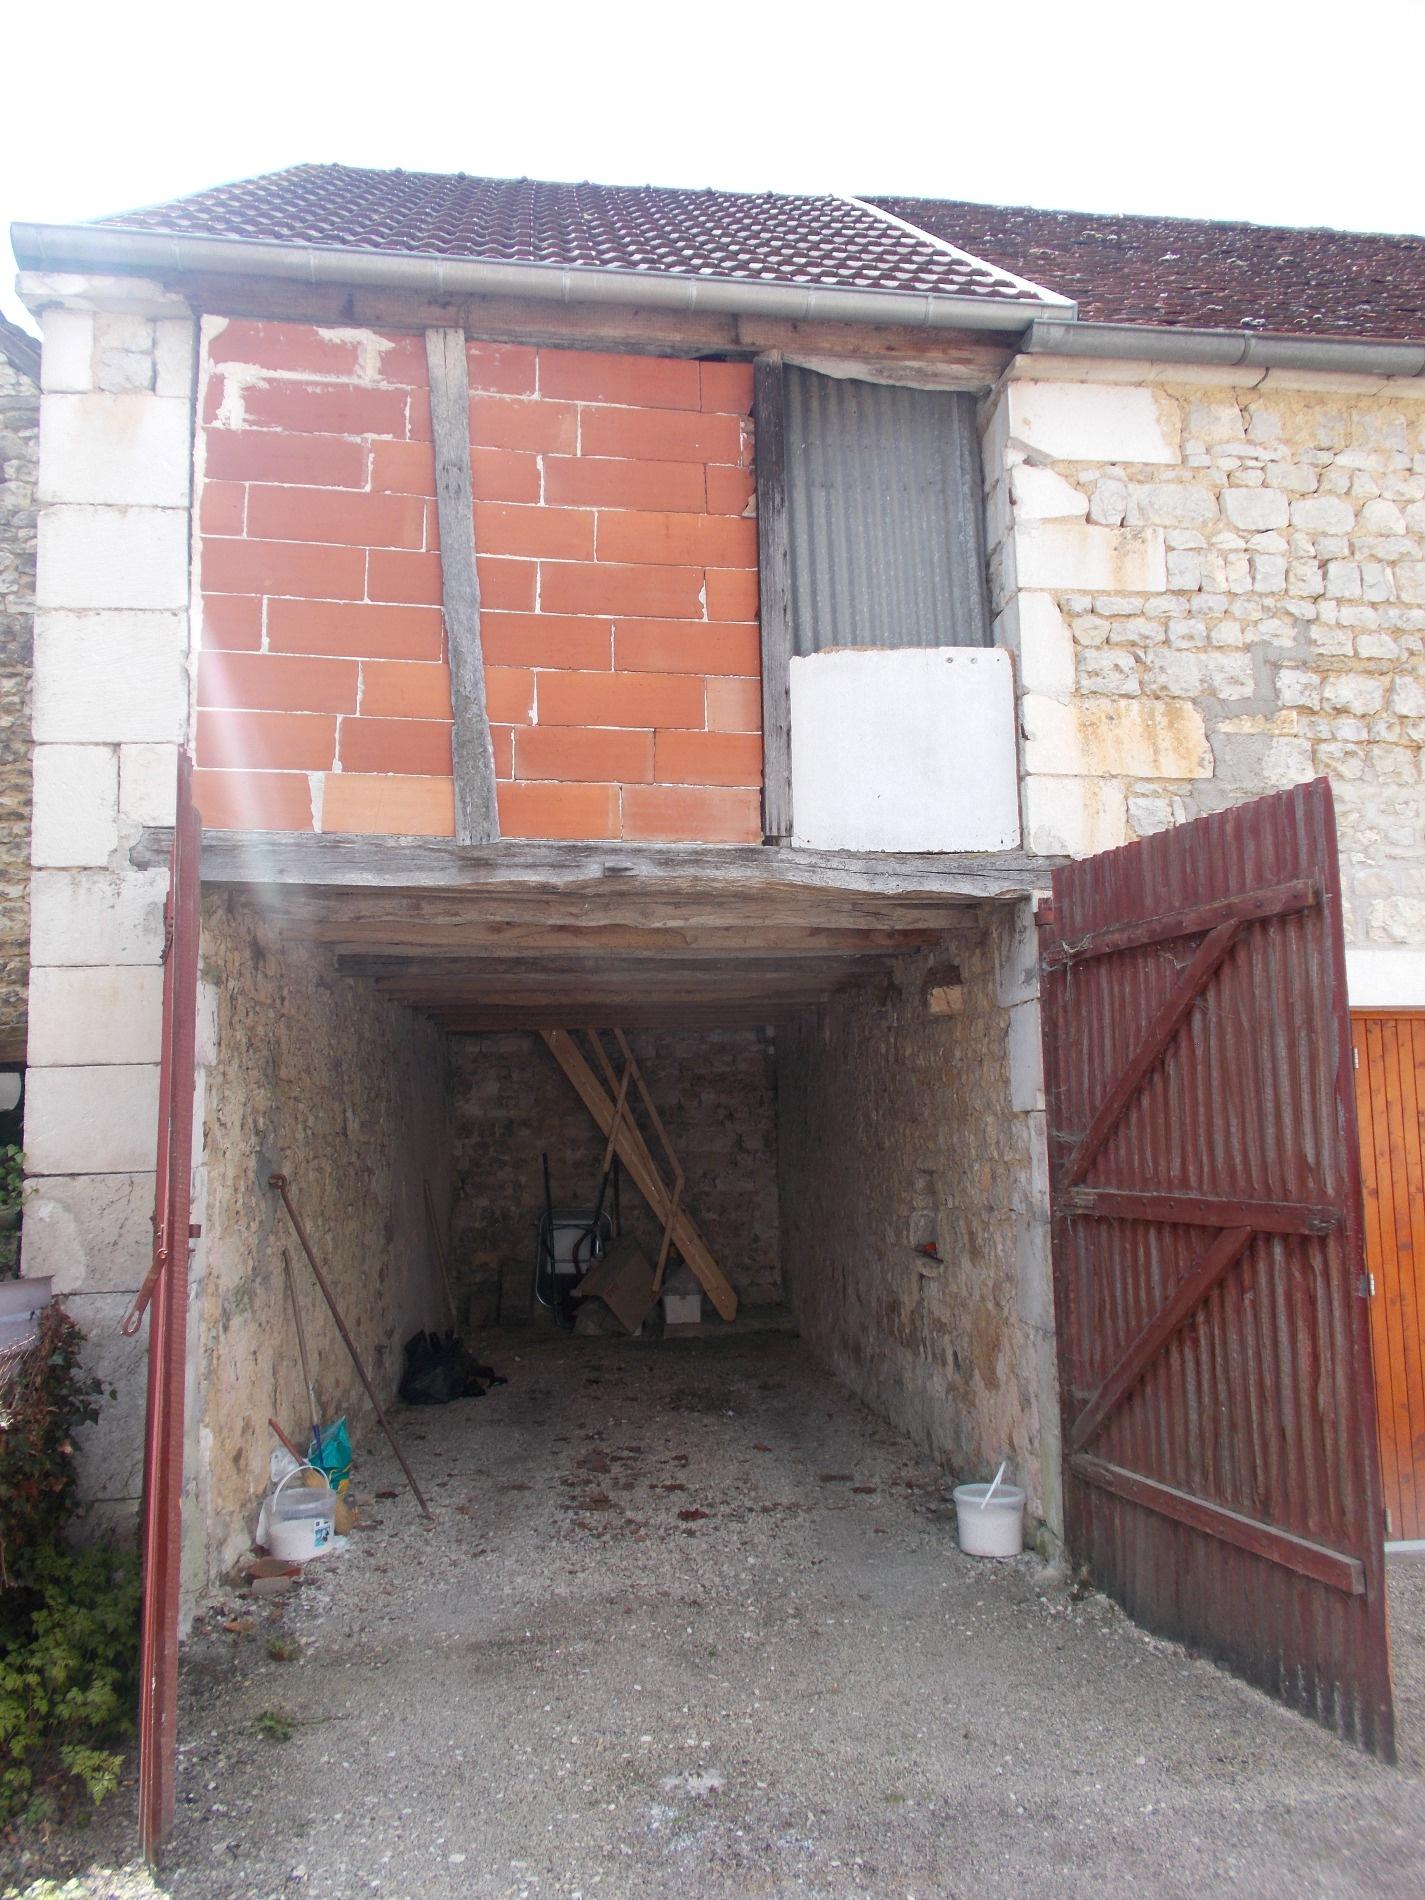 Vente petite maison id ale pour un pied terre ou un for Achat premiere maison